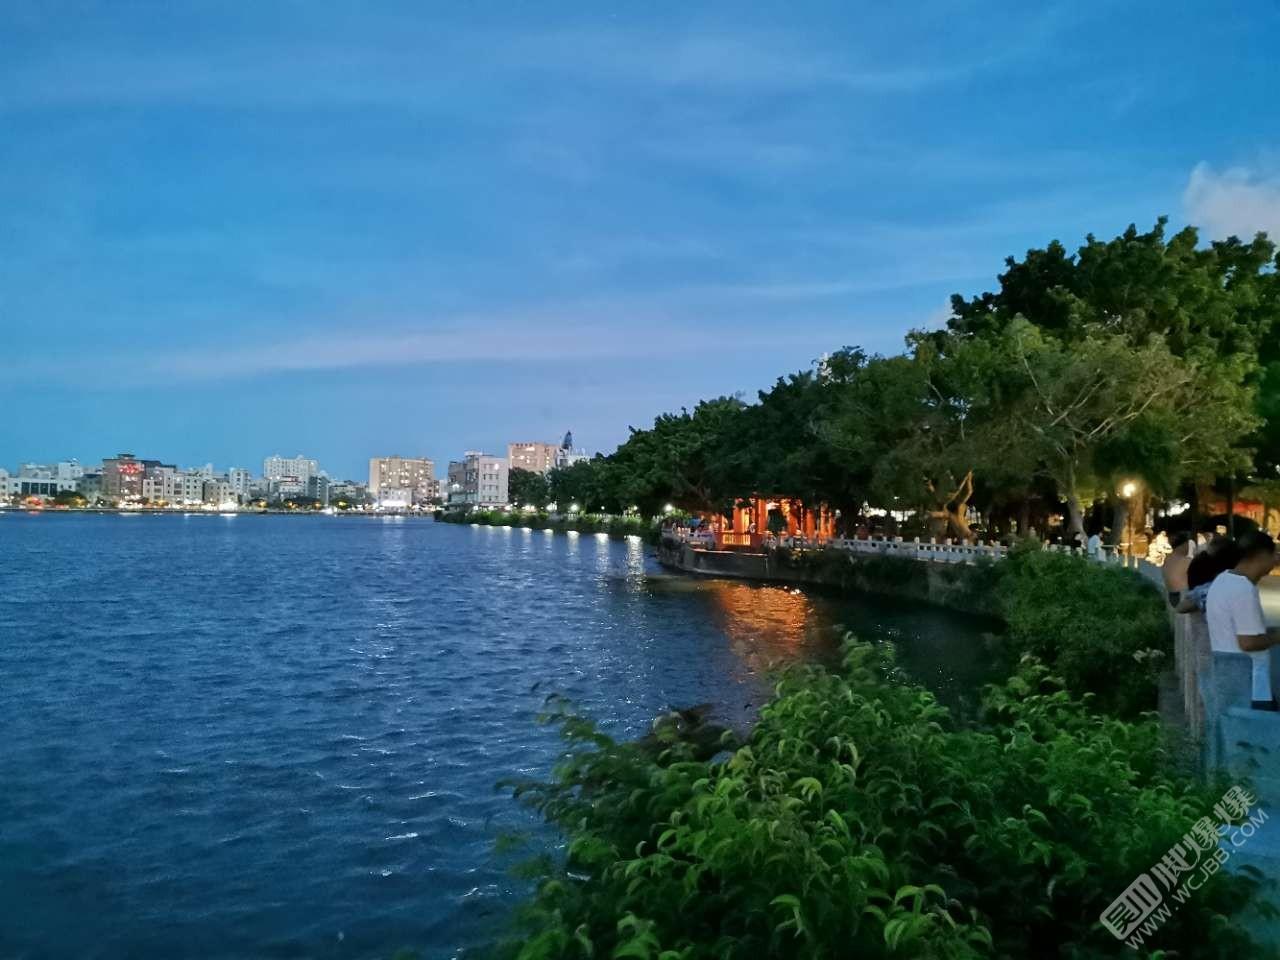 夜幕下的大塘公园